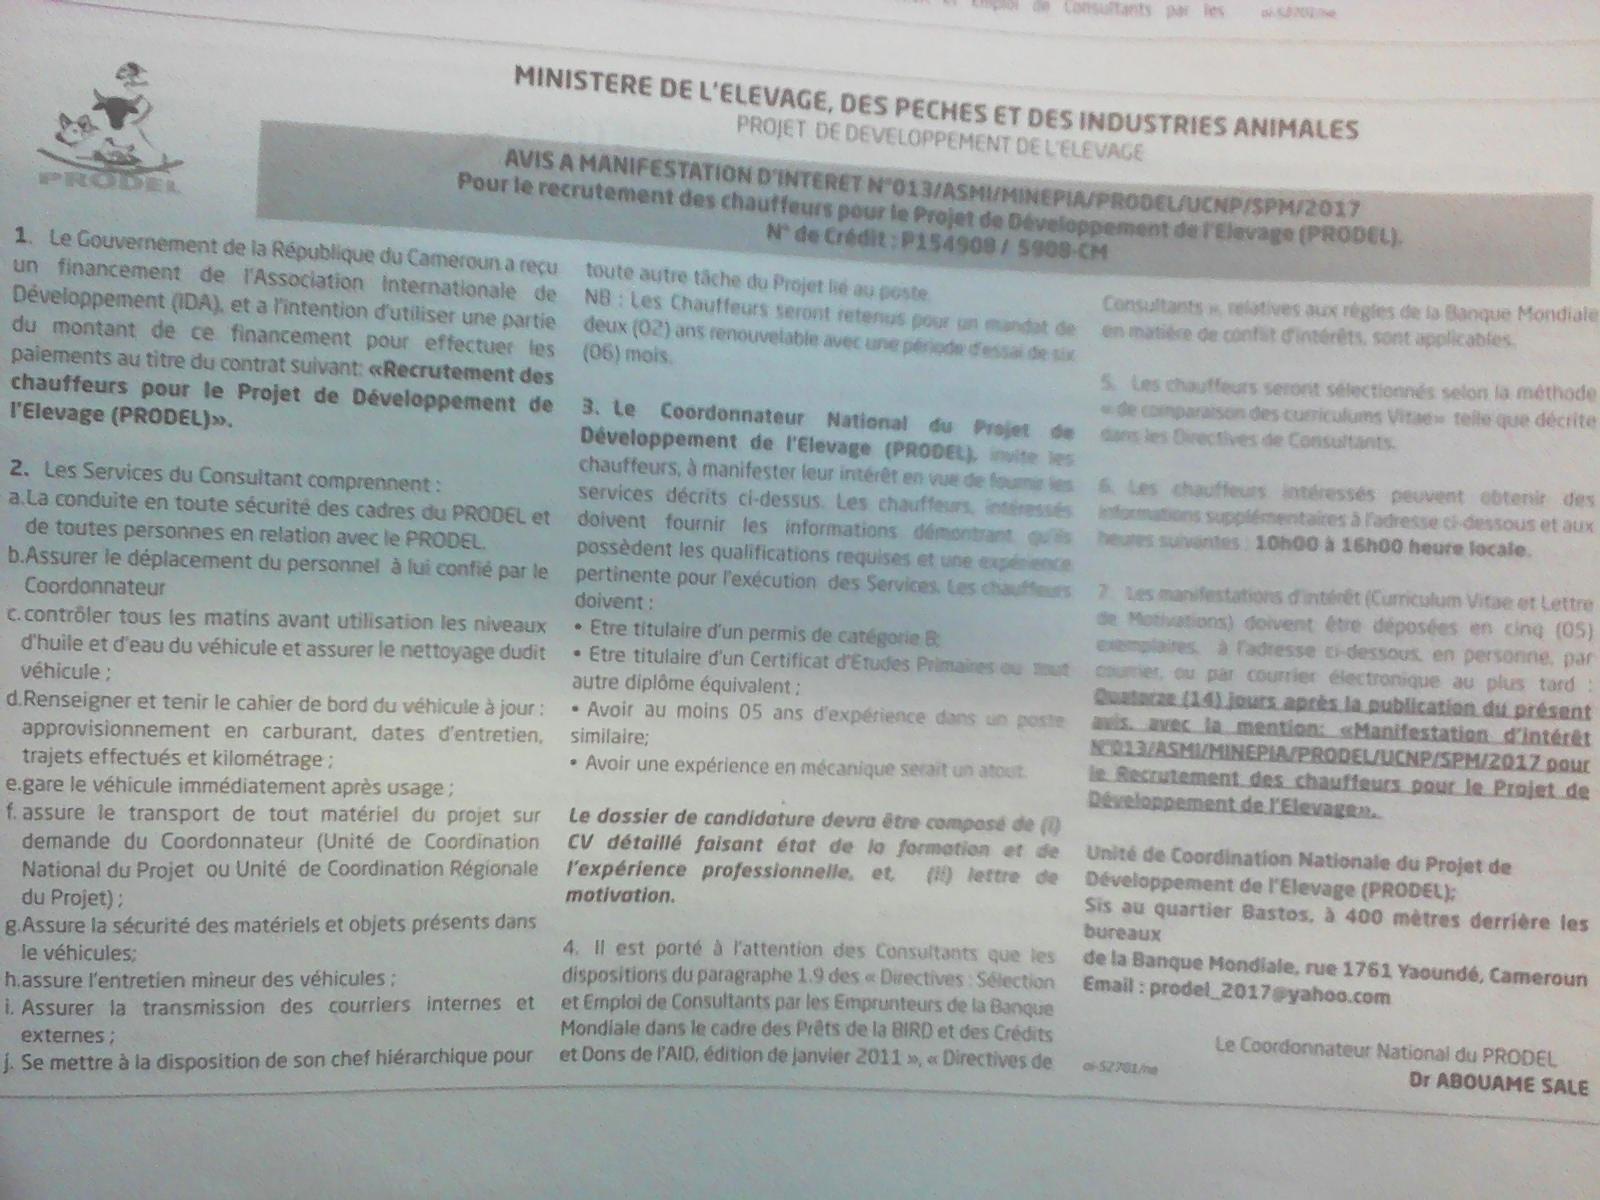 Recrutement des Chauffeurs pour le Projet de développement de l'élevage (PRODEL)